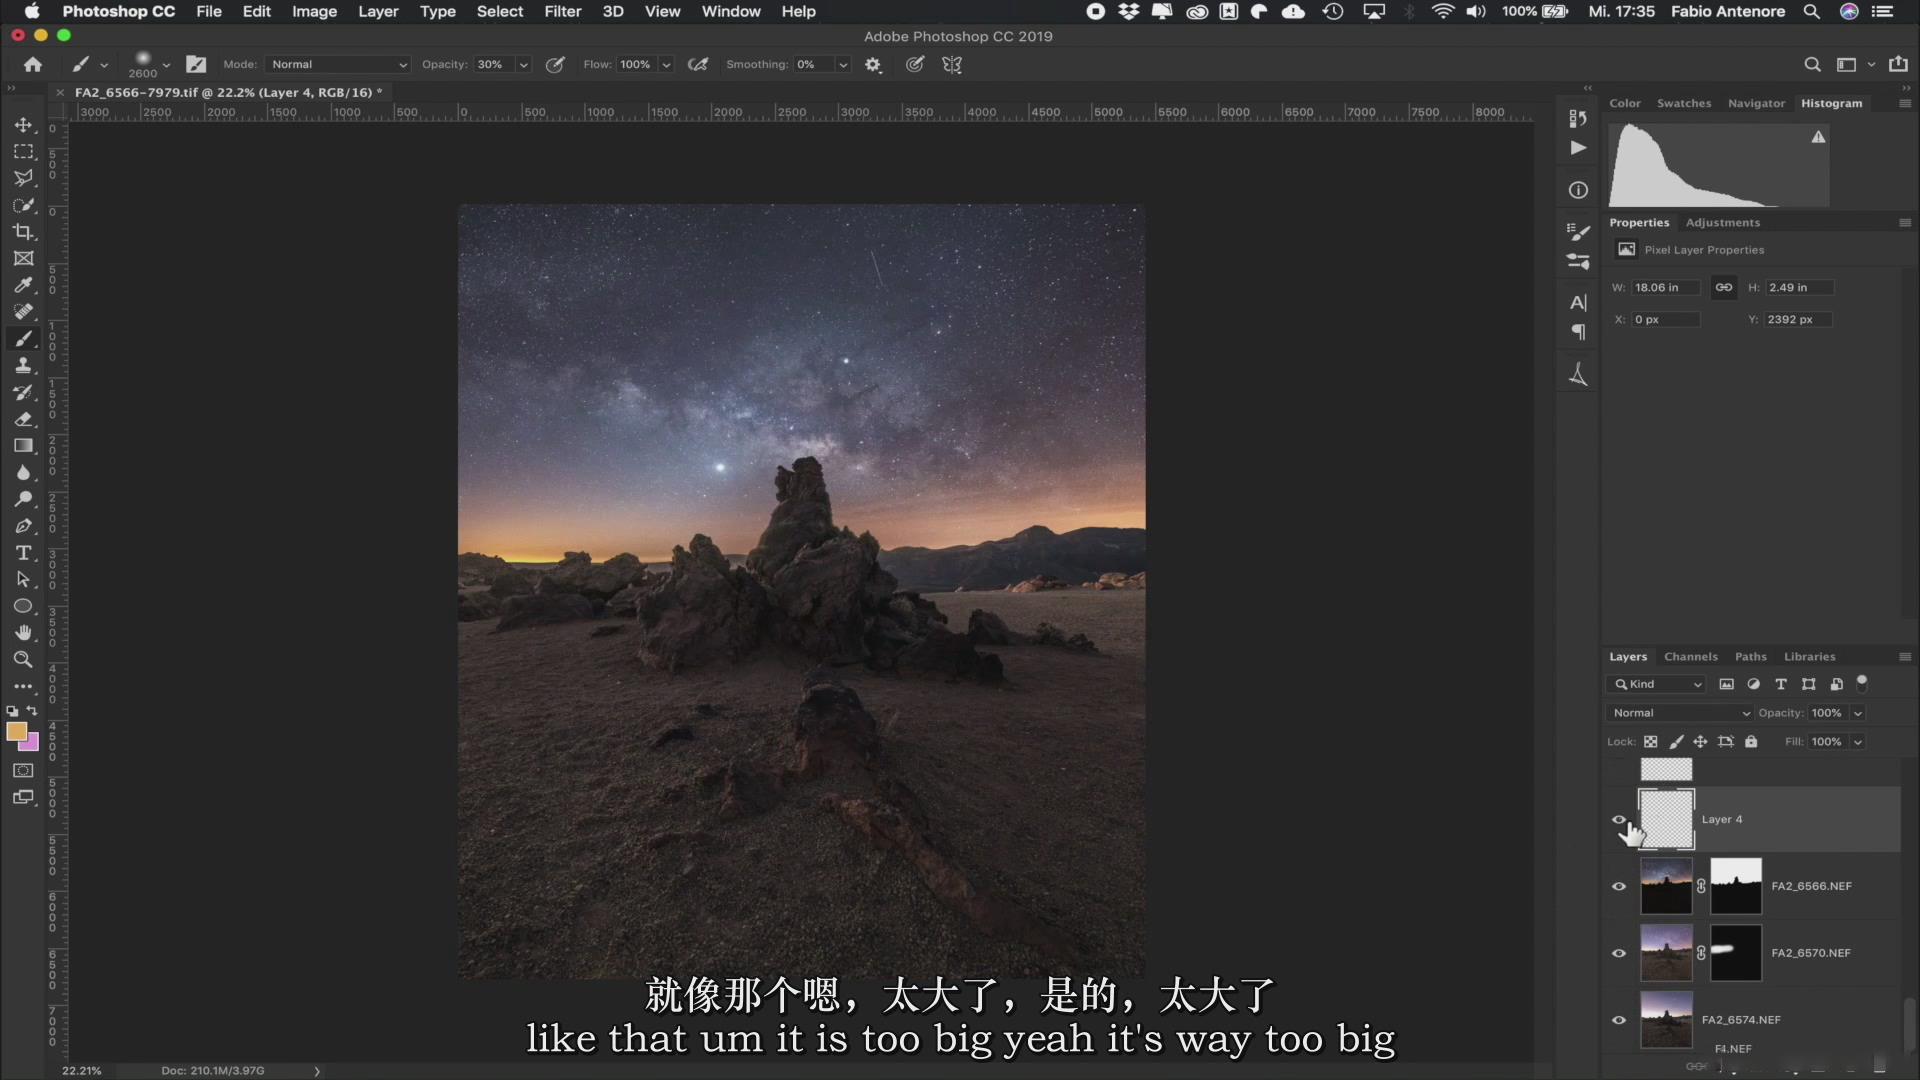 摄影教程_Fabio Antenore-超级真实银河系夜景风光摄影及后期附扩展素材-中英字幕 摄影教程 _预览图24